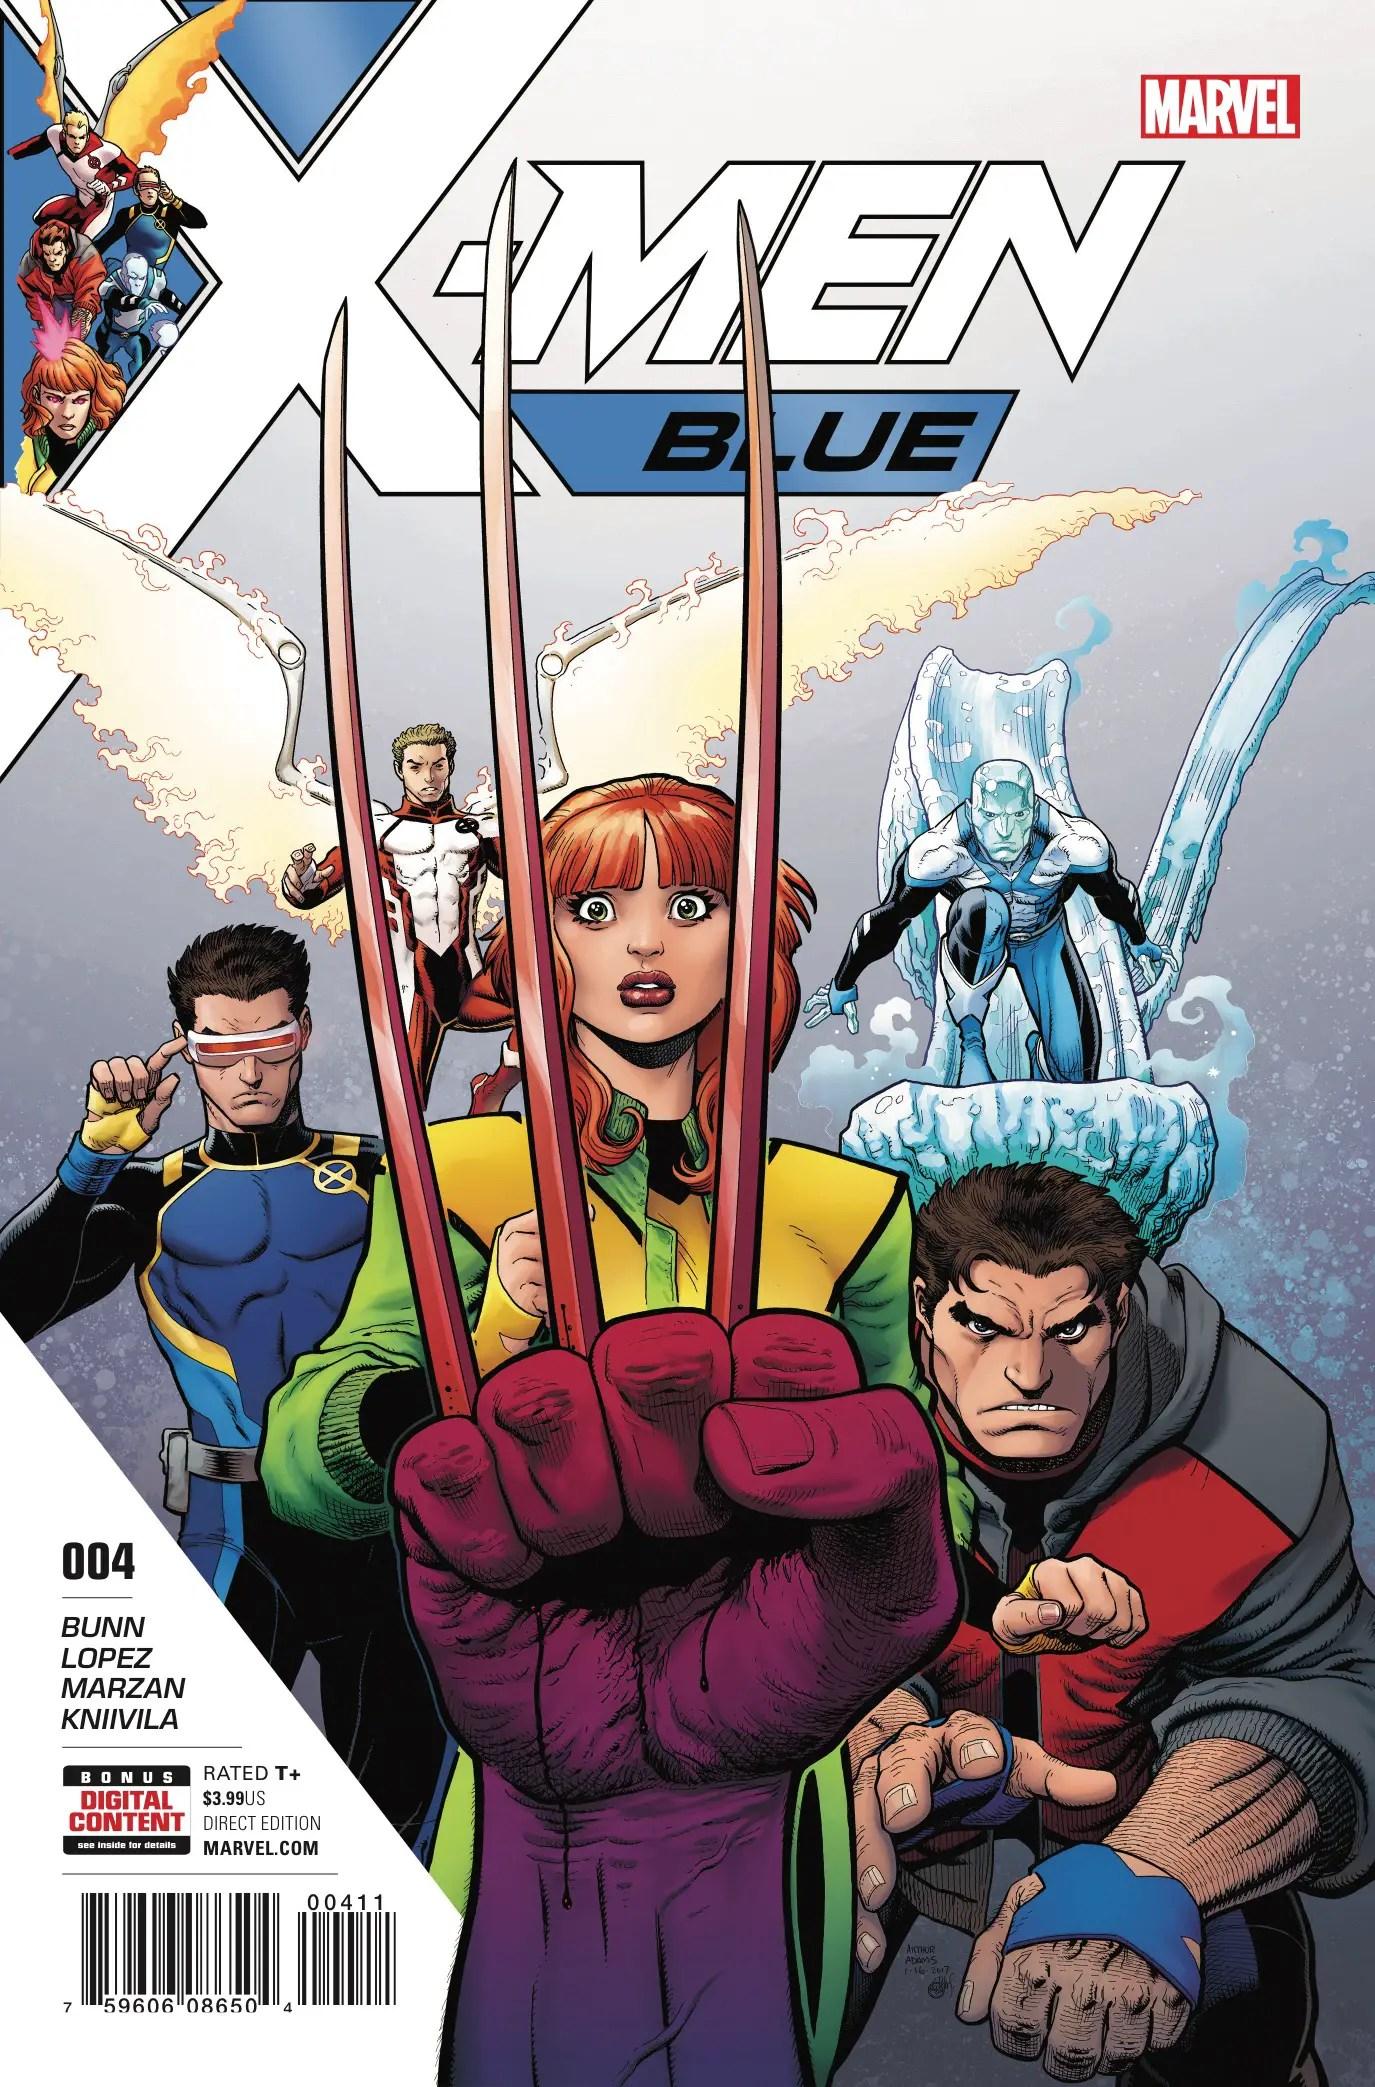 X-Men: Blue #4 Review